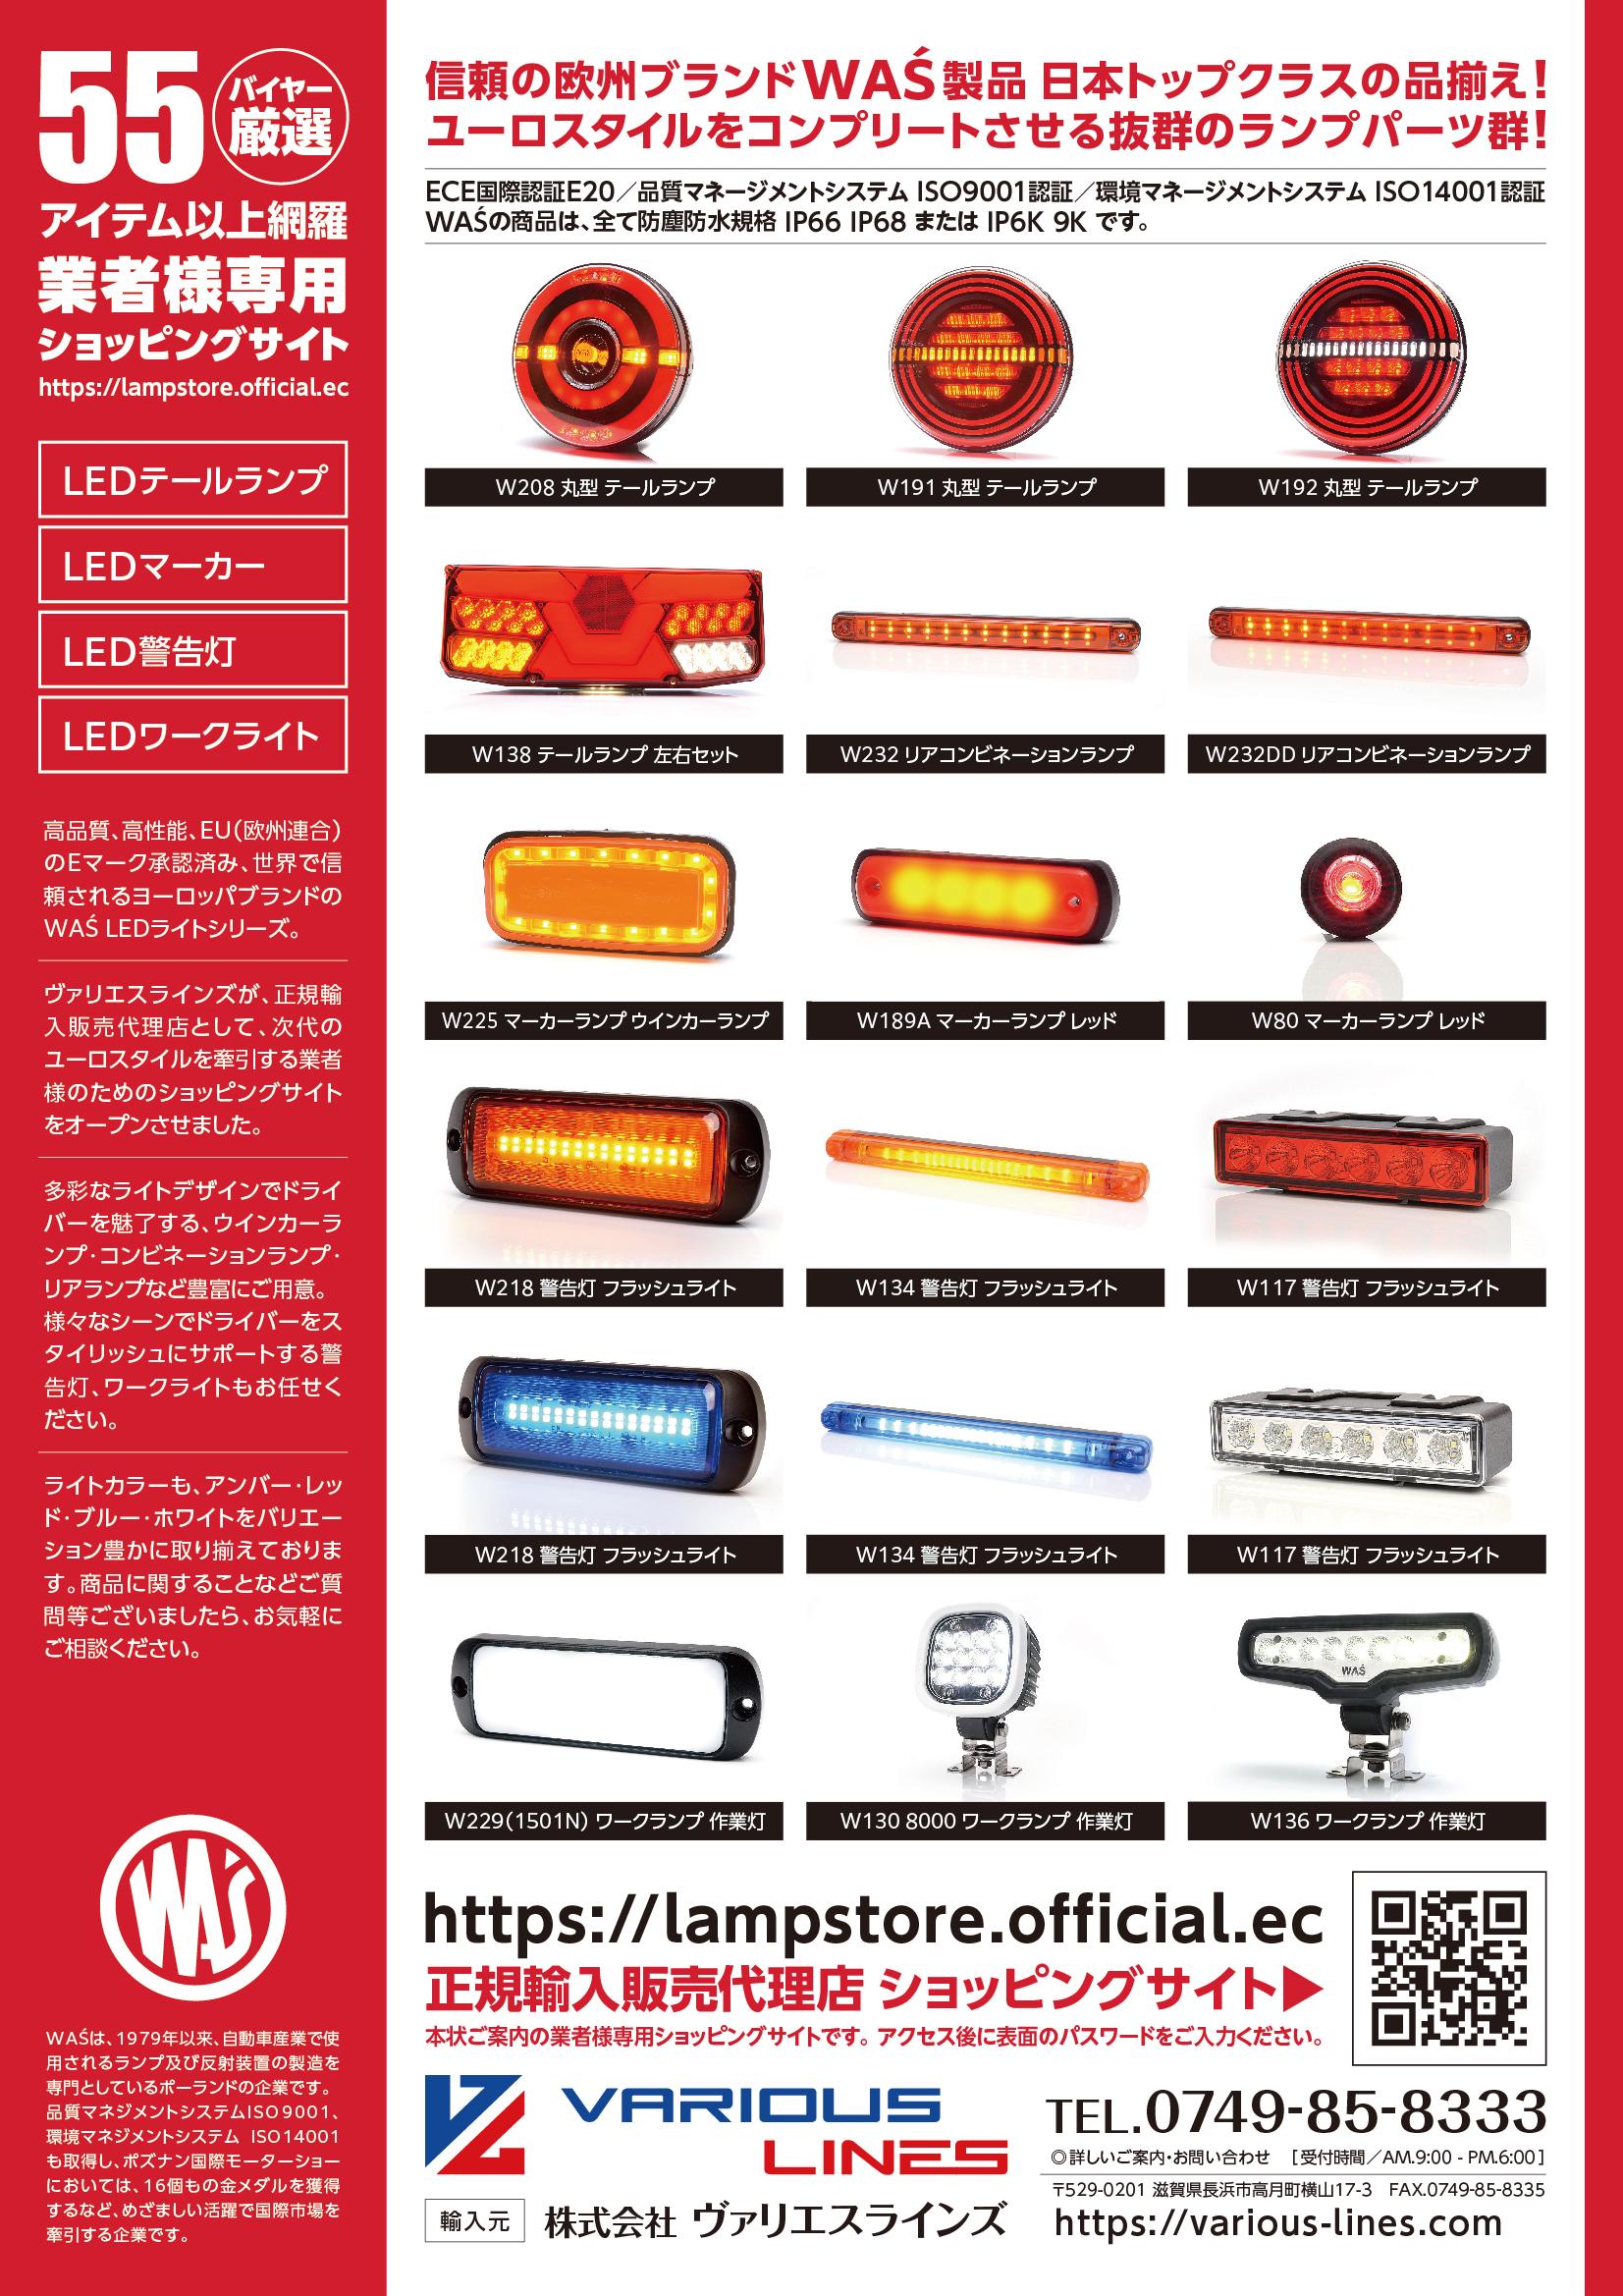 ユーロスタイルを実現させるWAS 自動車用LEDライト製品